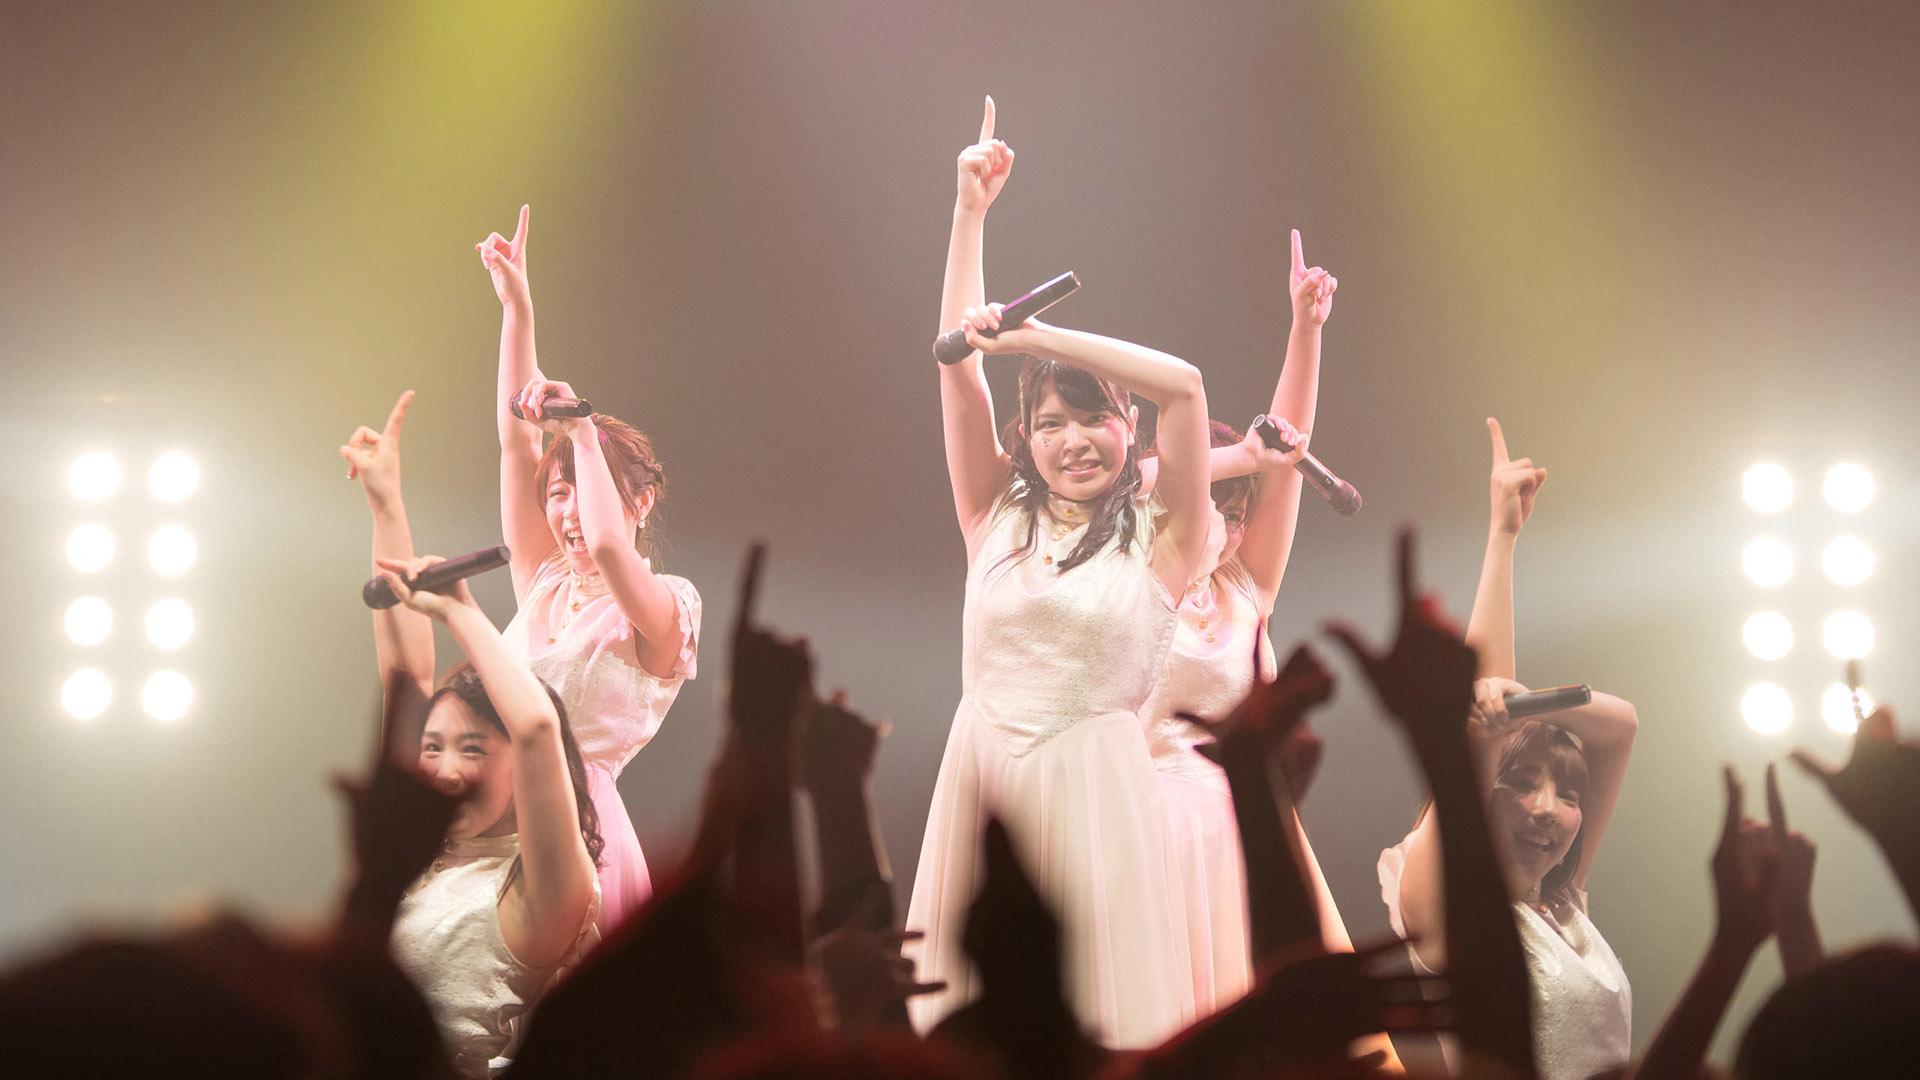 アプガに妄キャリにGEMに放プリに!出演者がめちゃ豪華な「本格音楽女子祭 其の十弐」でスタマリ観てきた!